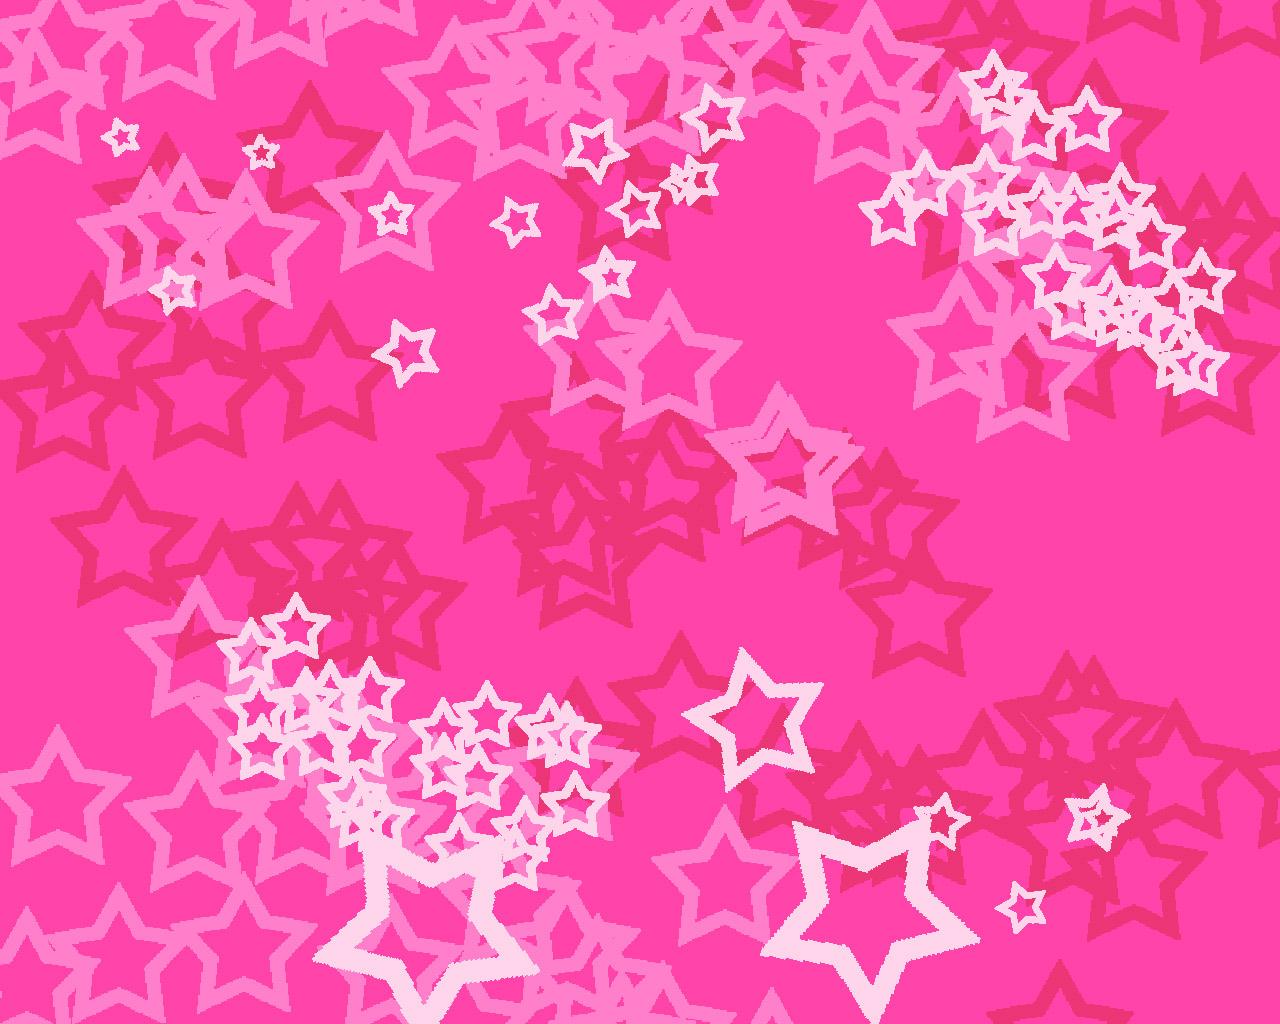 Patada De Caballo Fondos Animados: Patada De Caballo: Pink Wallpaper